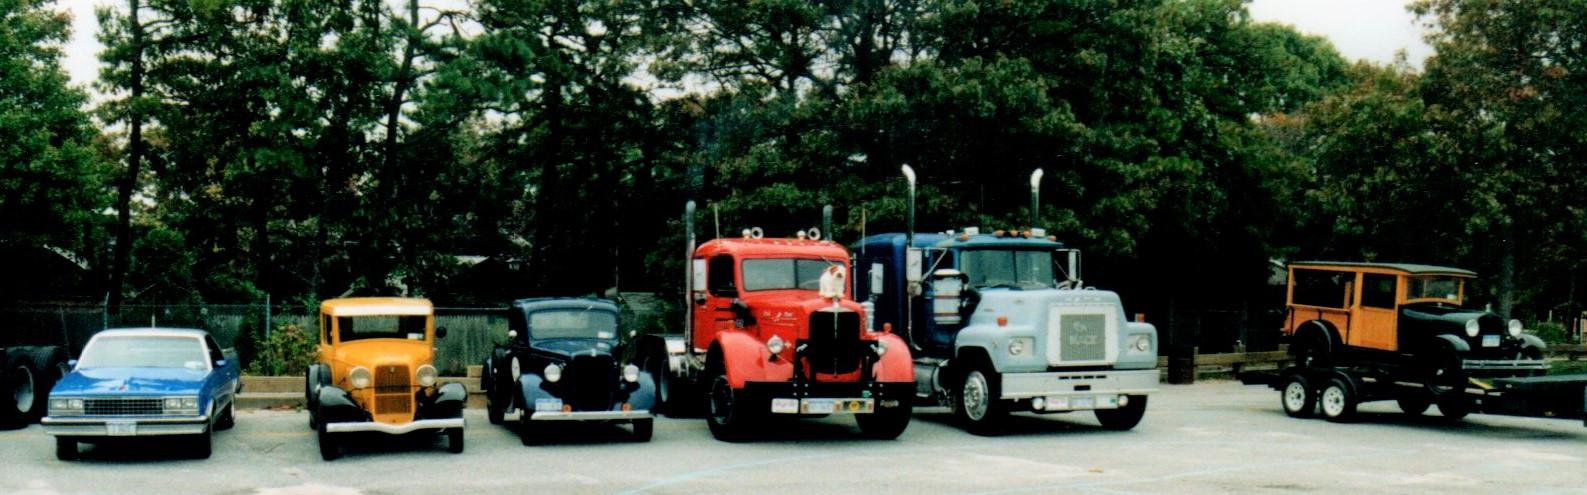 Member's trucks on the run